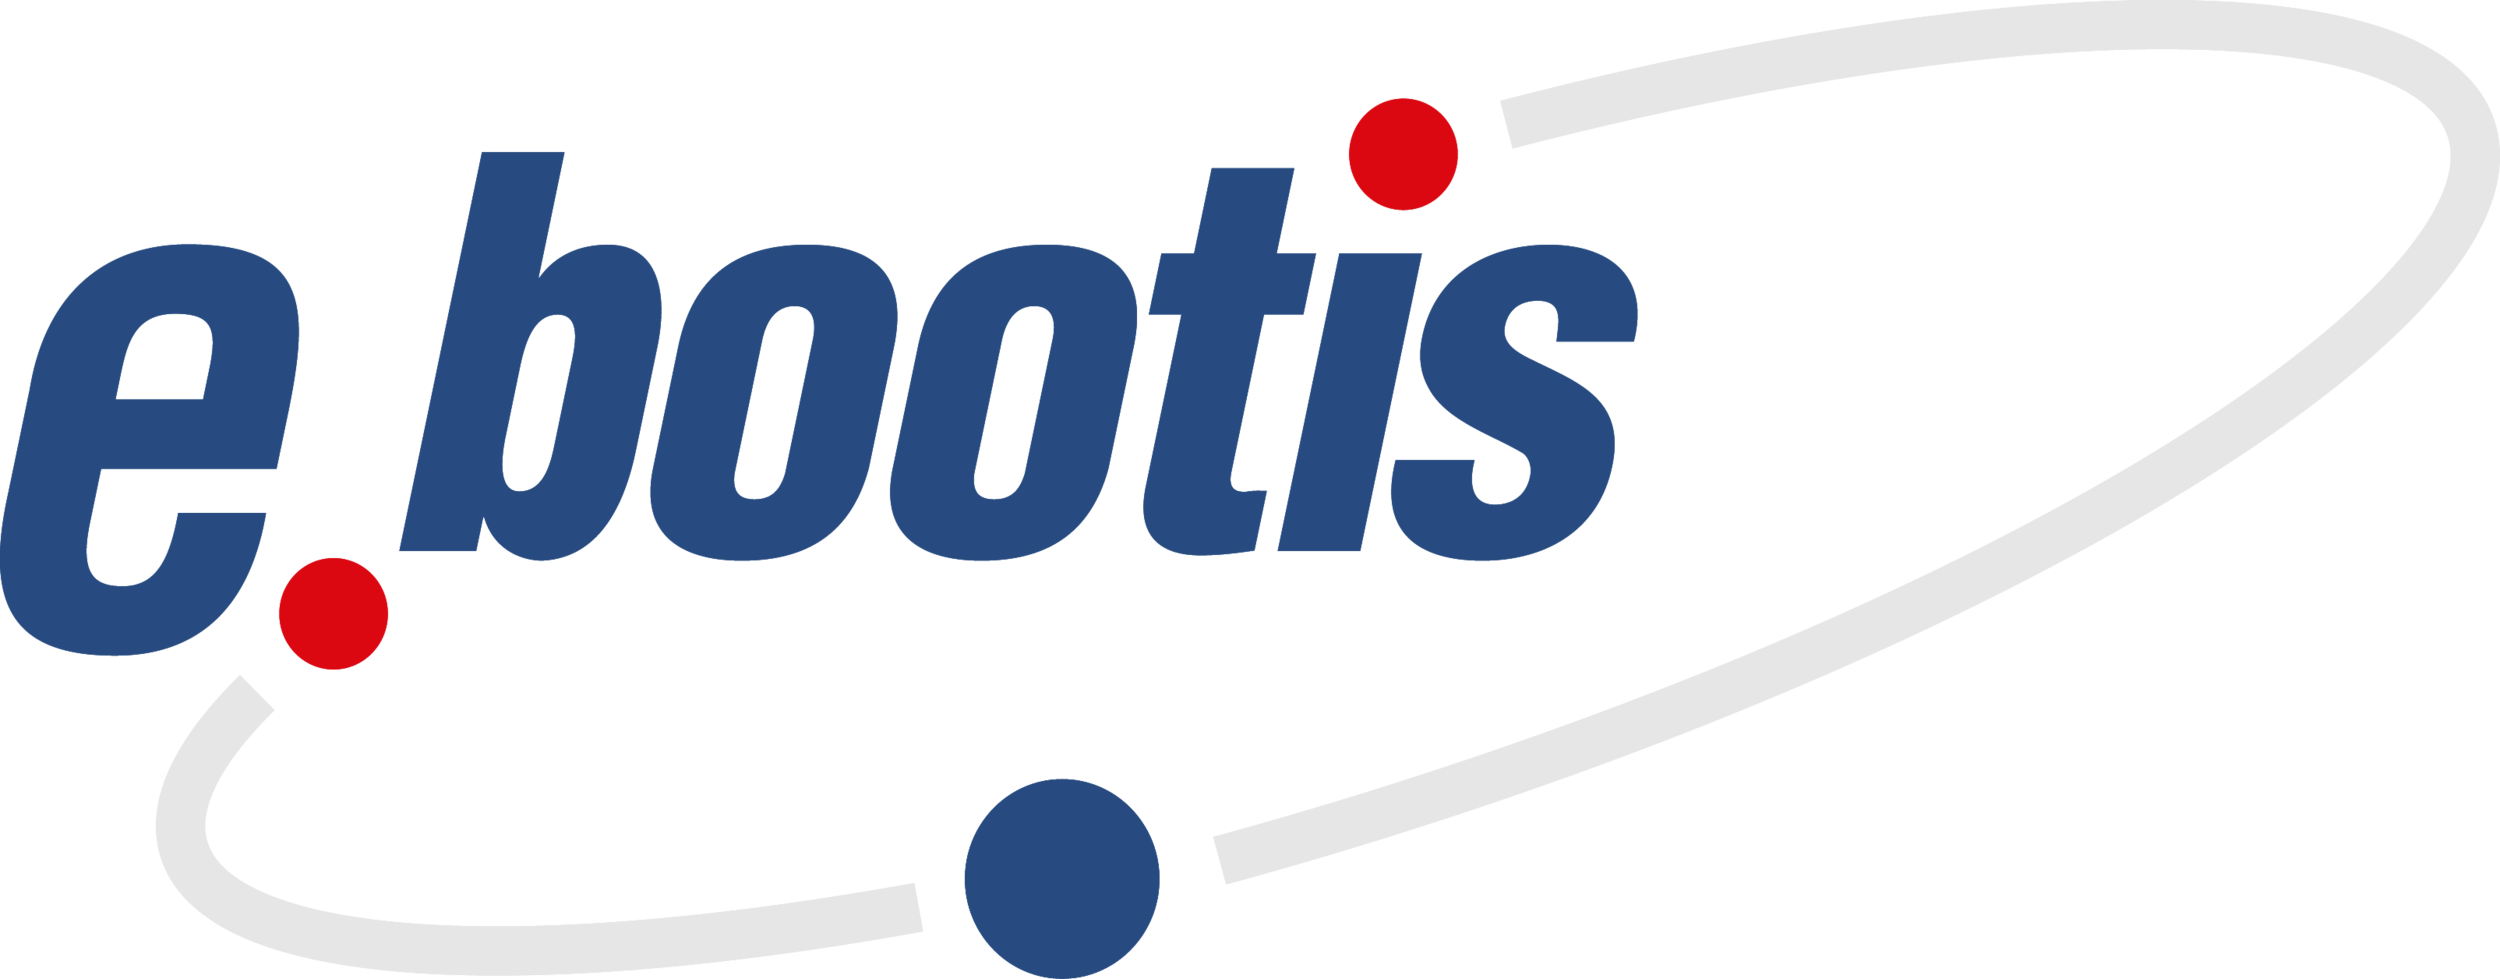 ebootis_logo_rgb_final_2014.png